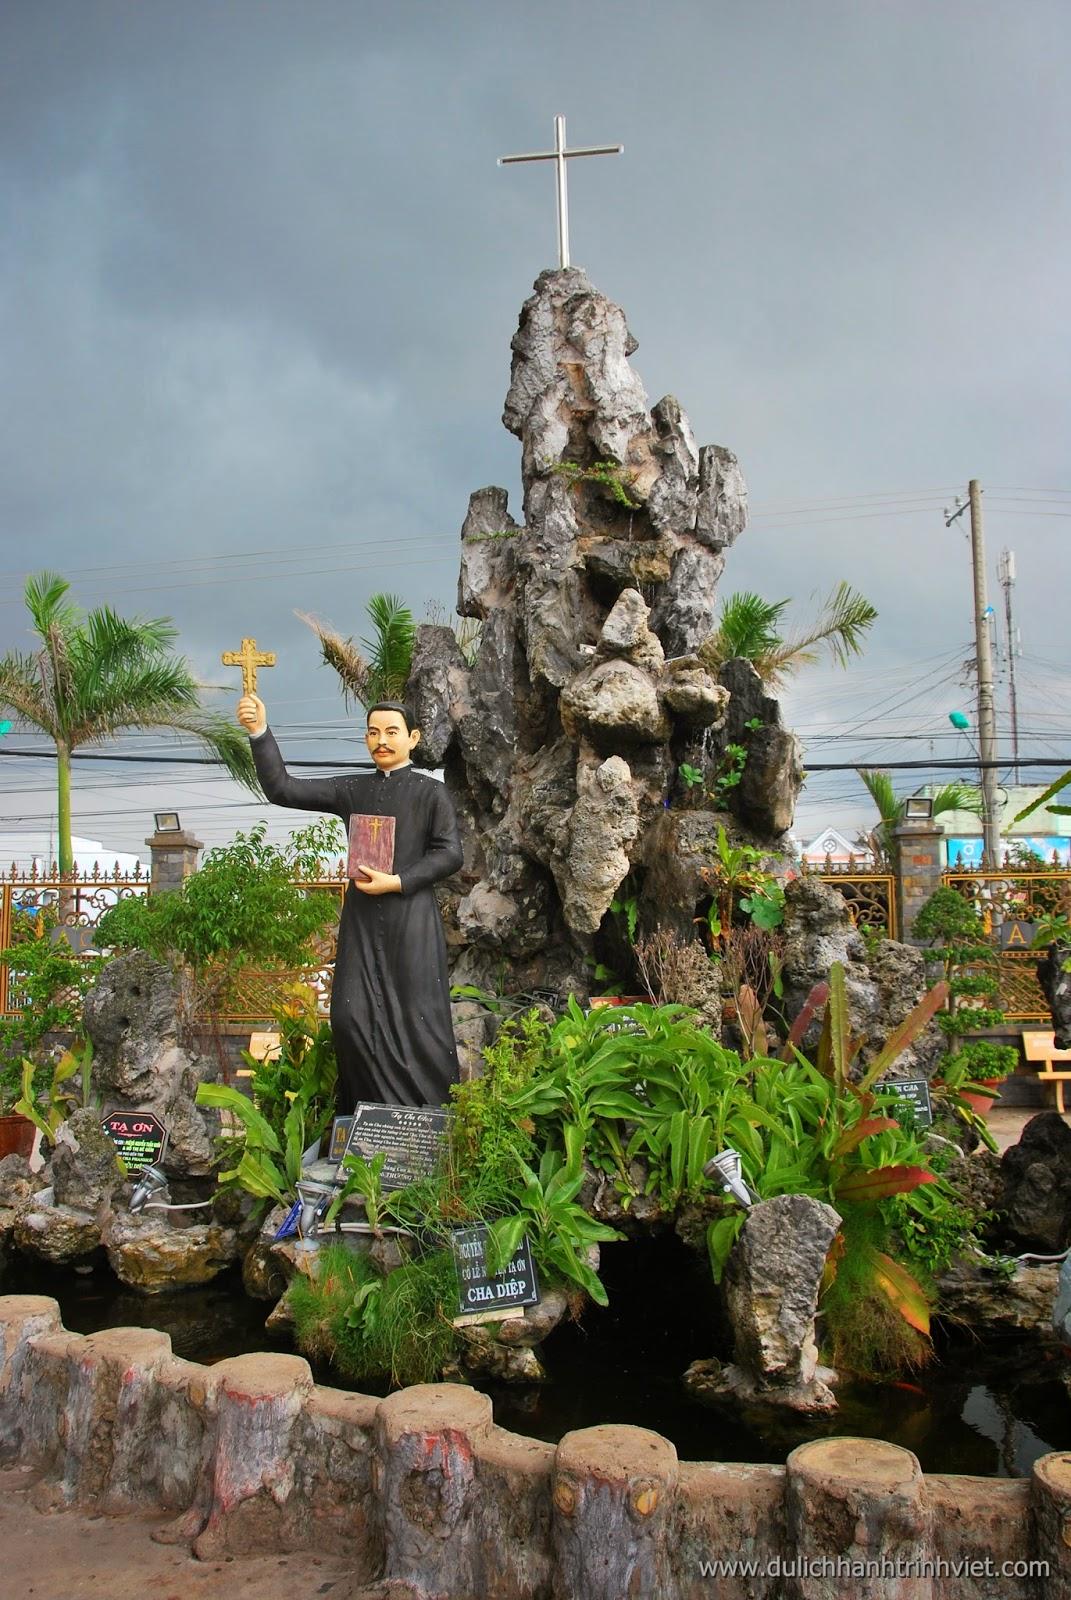 Tham quan Nhà thờ Cha Diệp ở Bạc Liêu